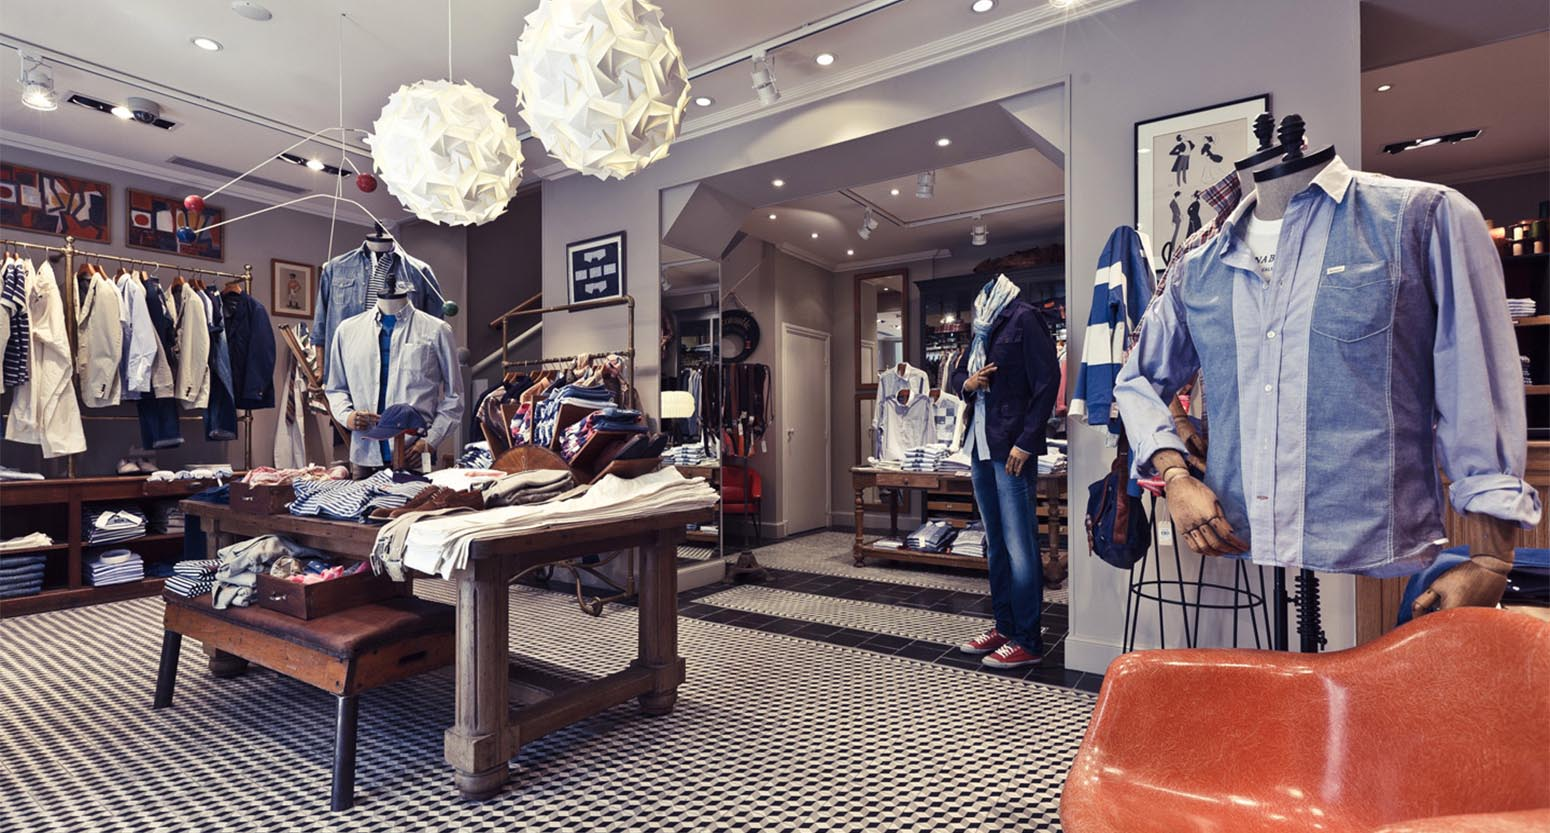 Fashion Retail Decoration Shops Design Ideas For Mens Clothes Boutique Store Design Retail Shop Interior Design Ideas